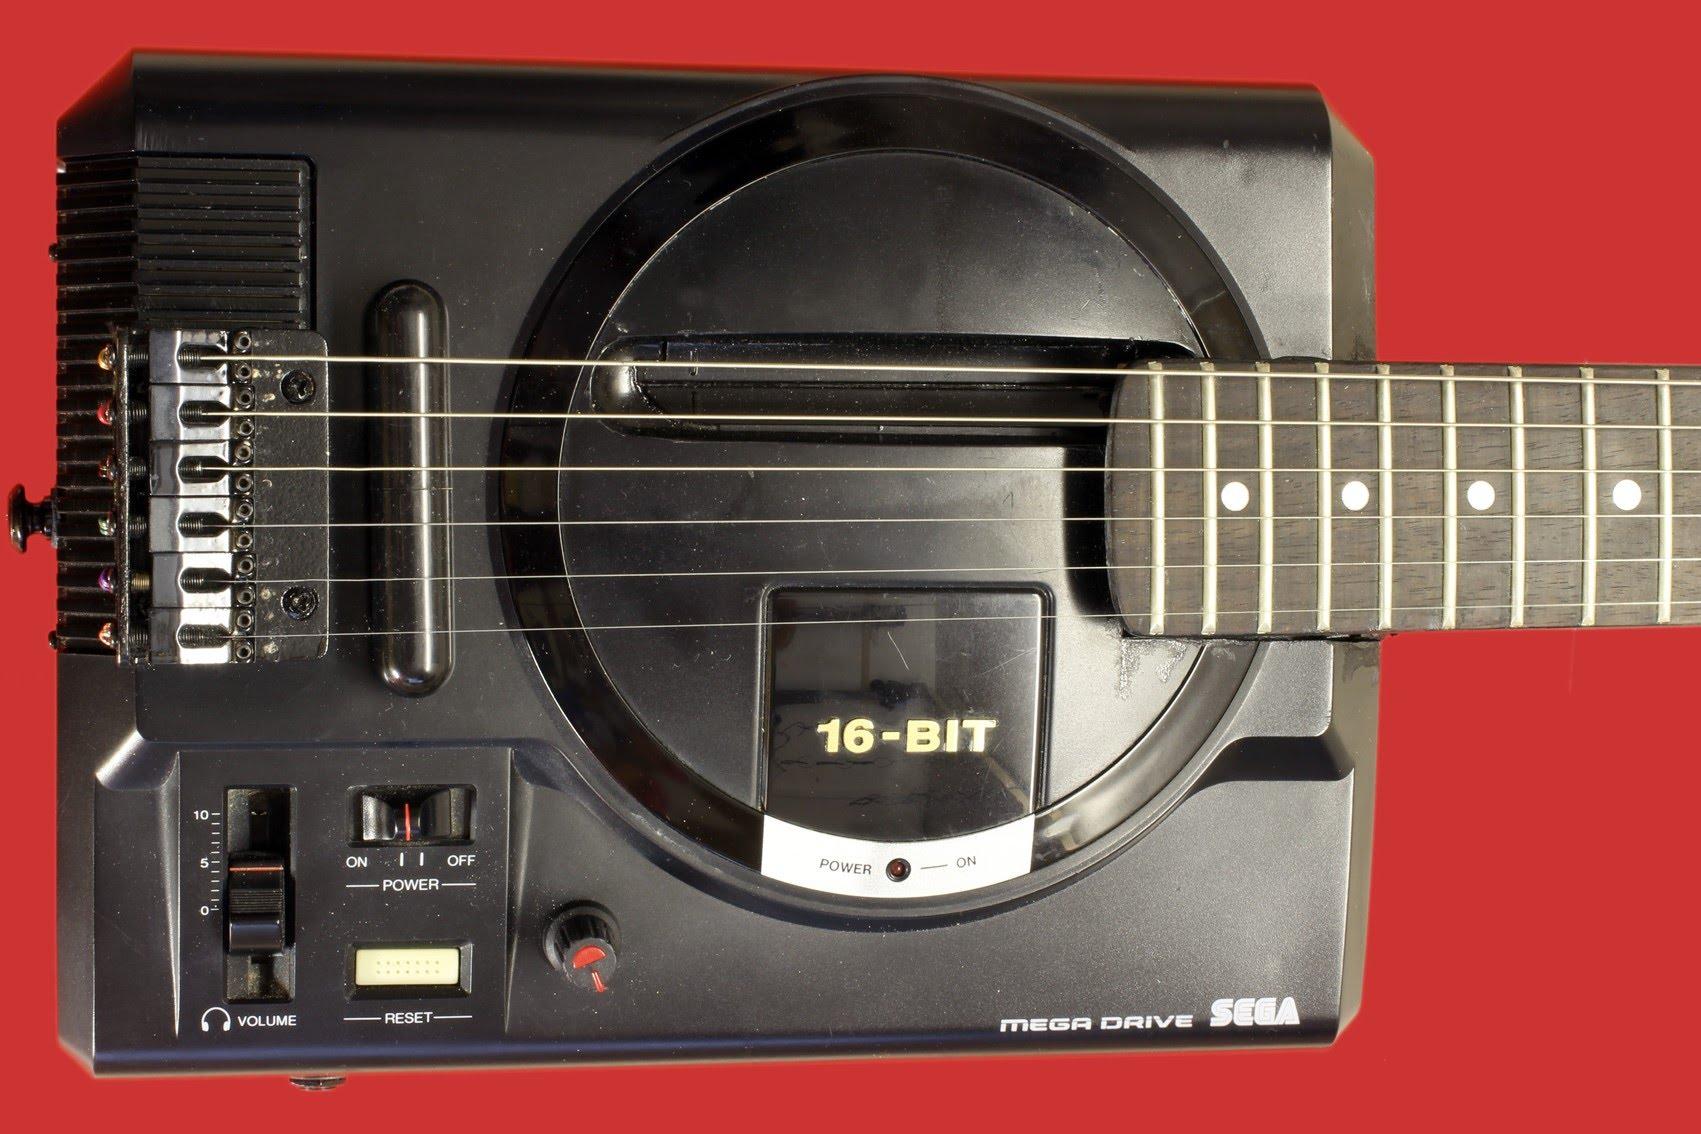 Гитары мечты ч.2: консольные гибриды — geek-эстетика и художественная шумогенерация (Sega, Nintendo, Atari и др.)